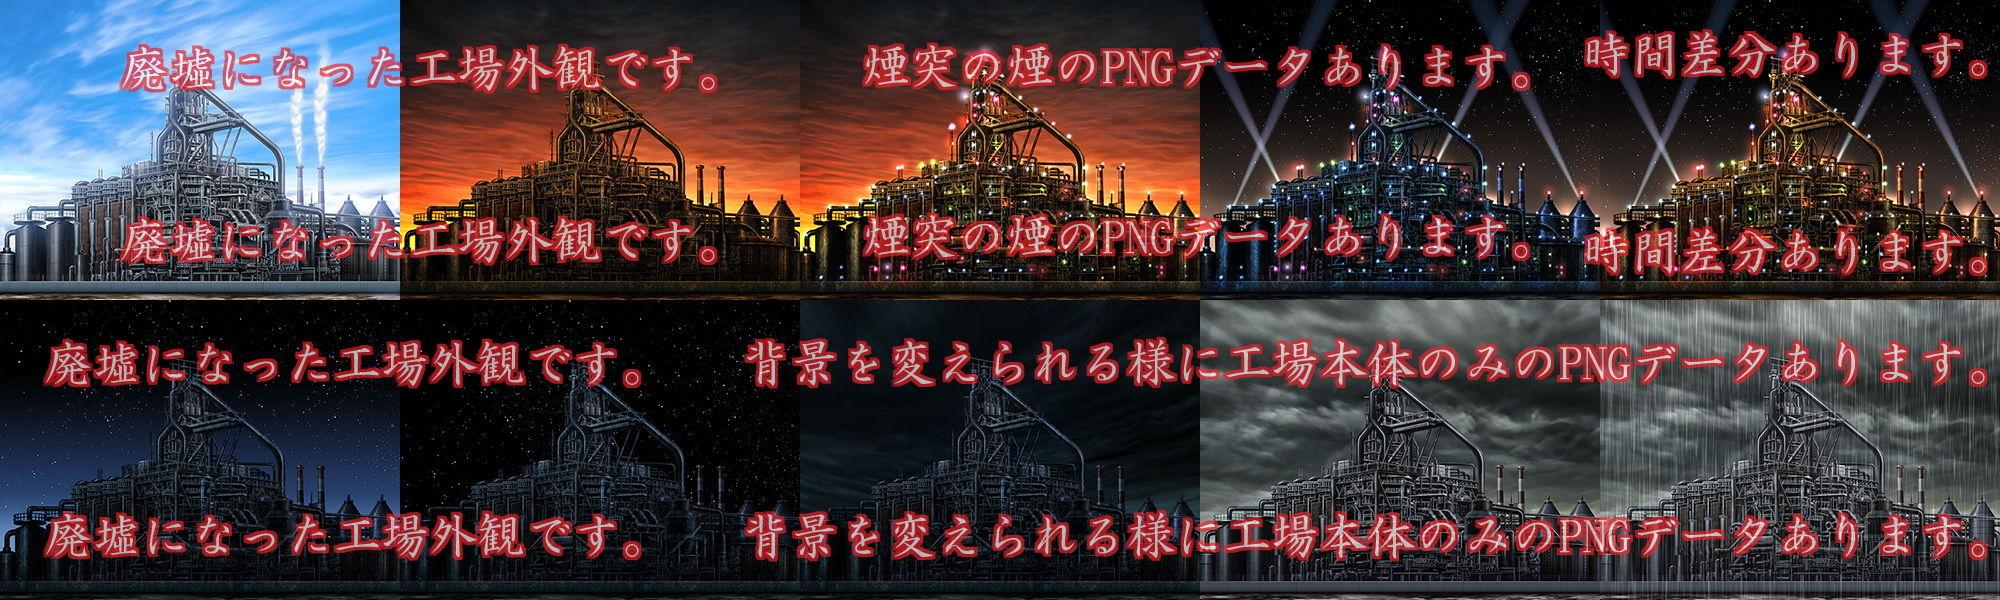 【キュキュキュのQのQ 同人】著作権フリー背景CG素材「廃工場外観」